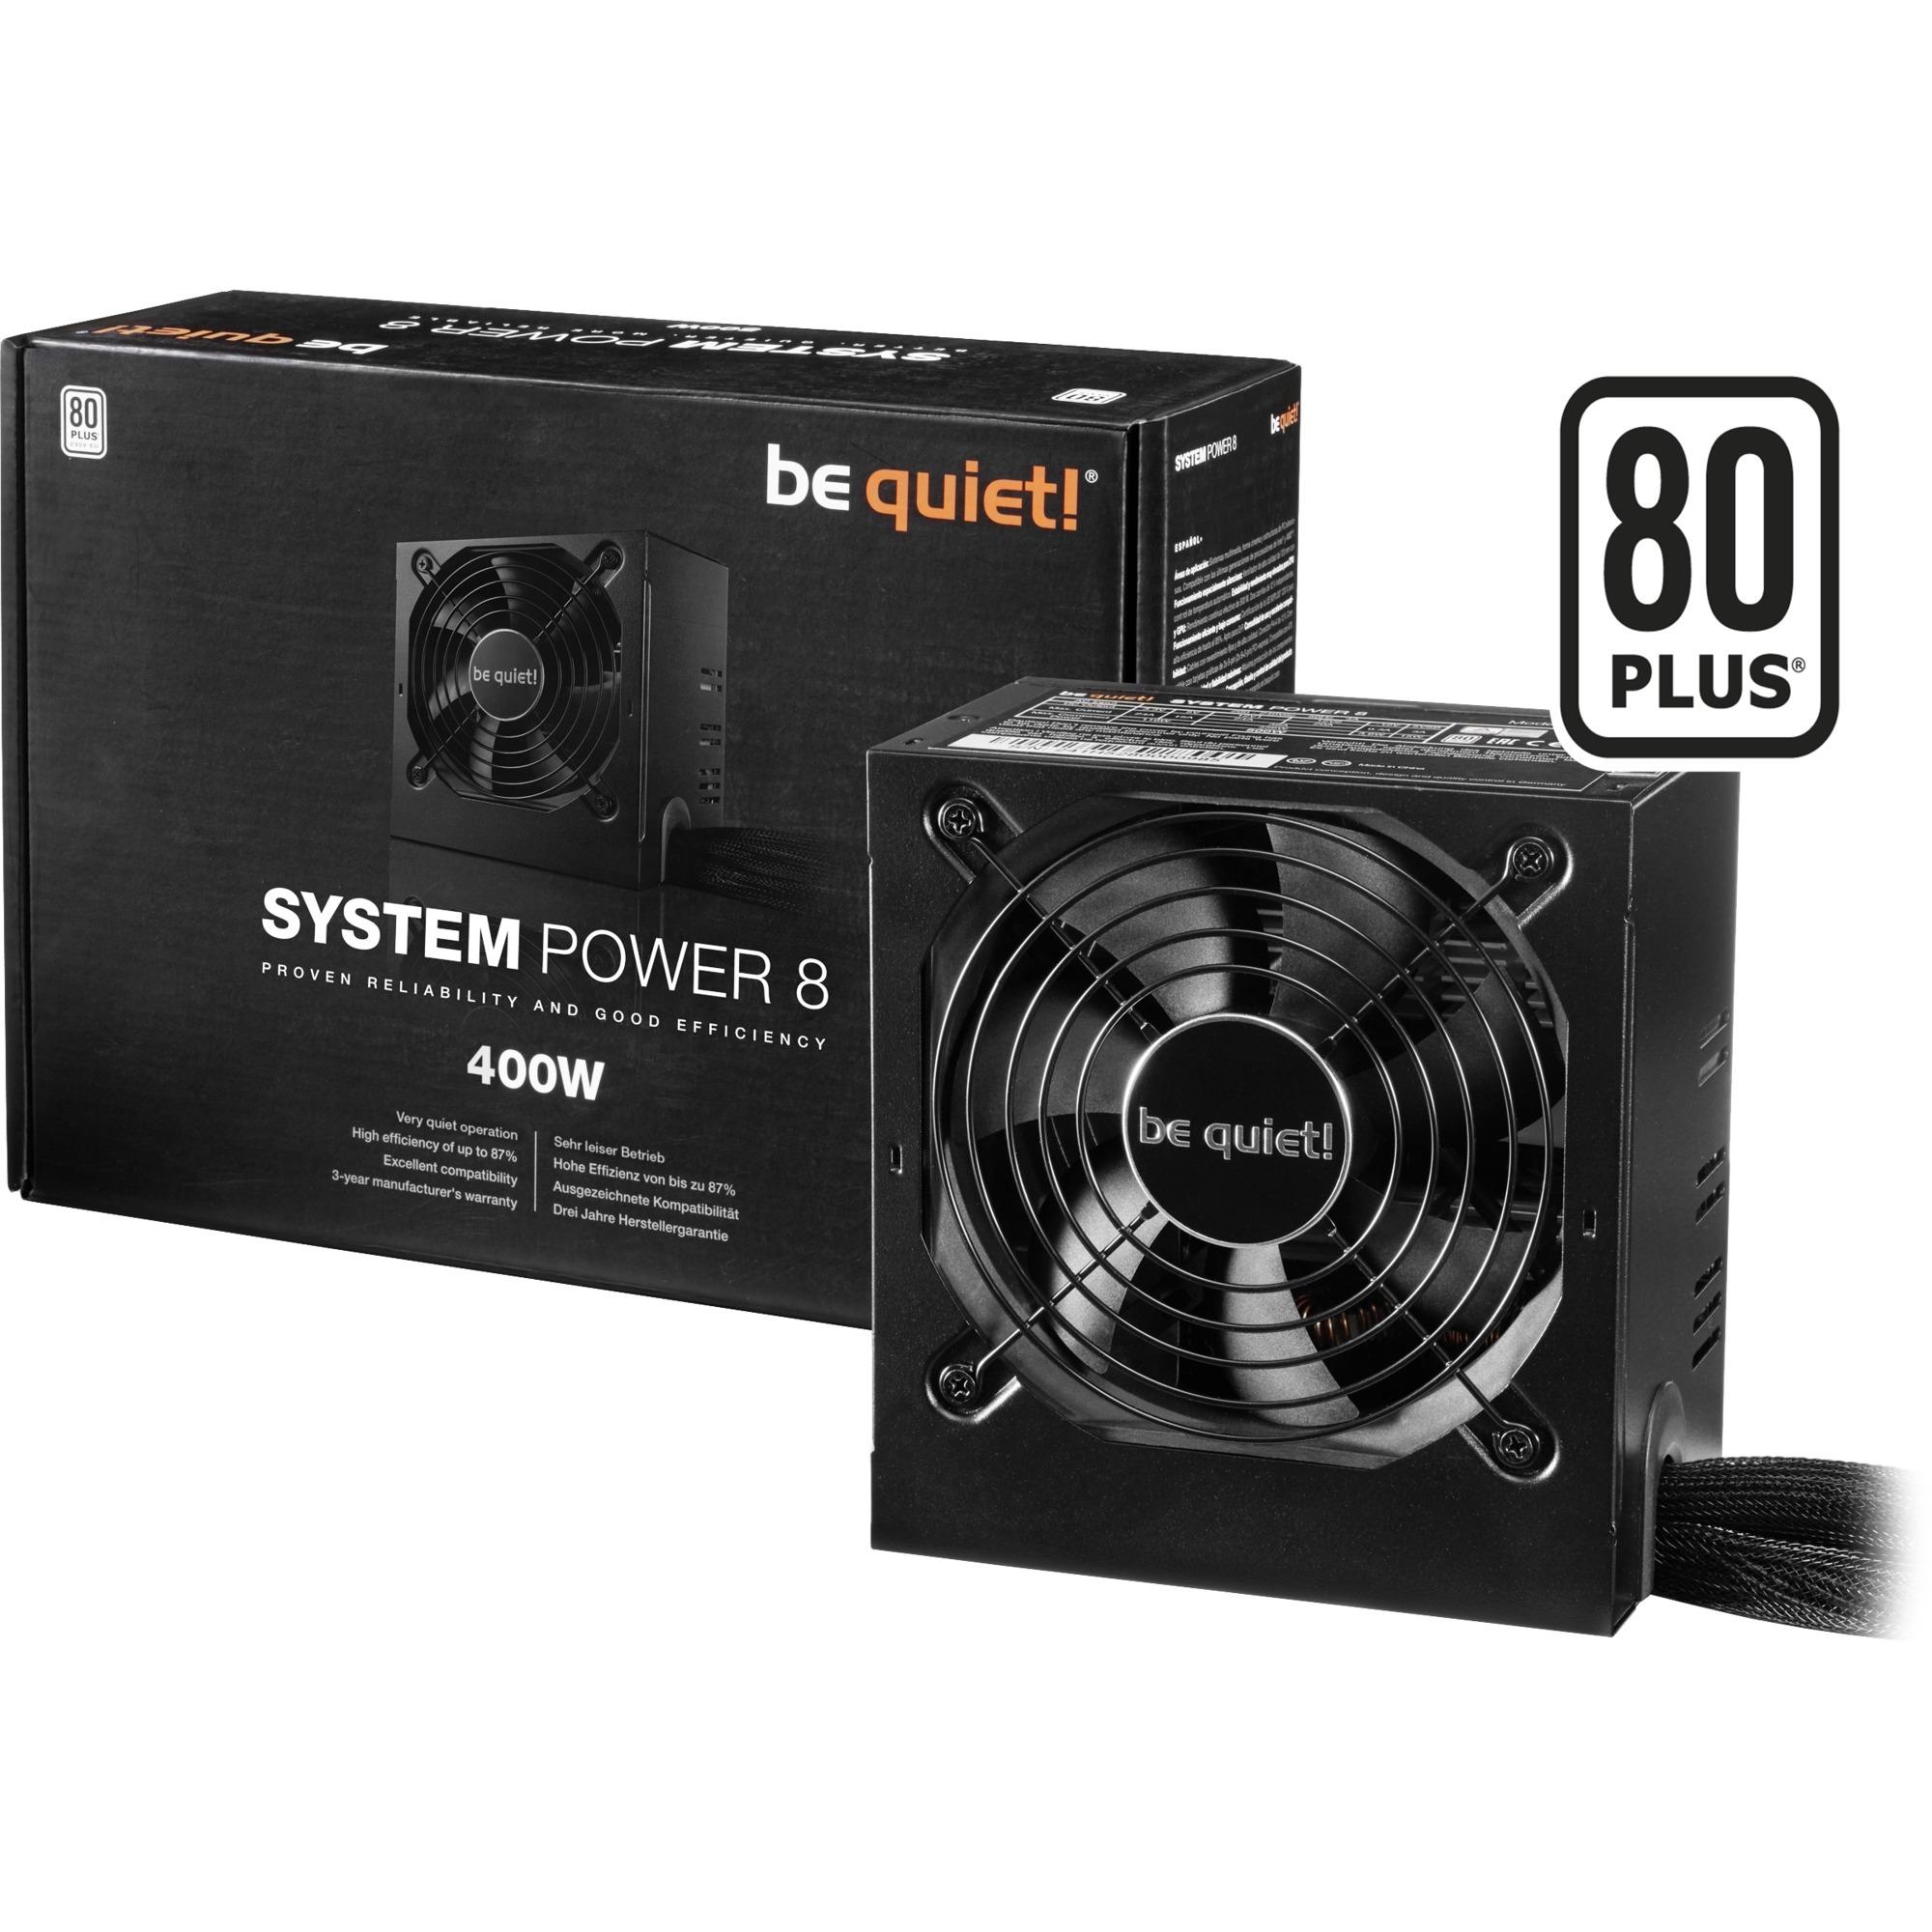 System Power 8 400W, Alimentation PC